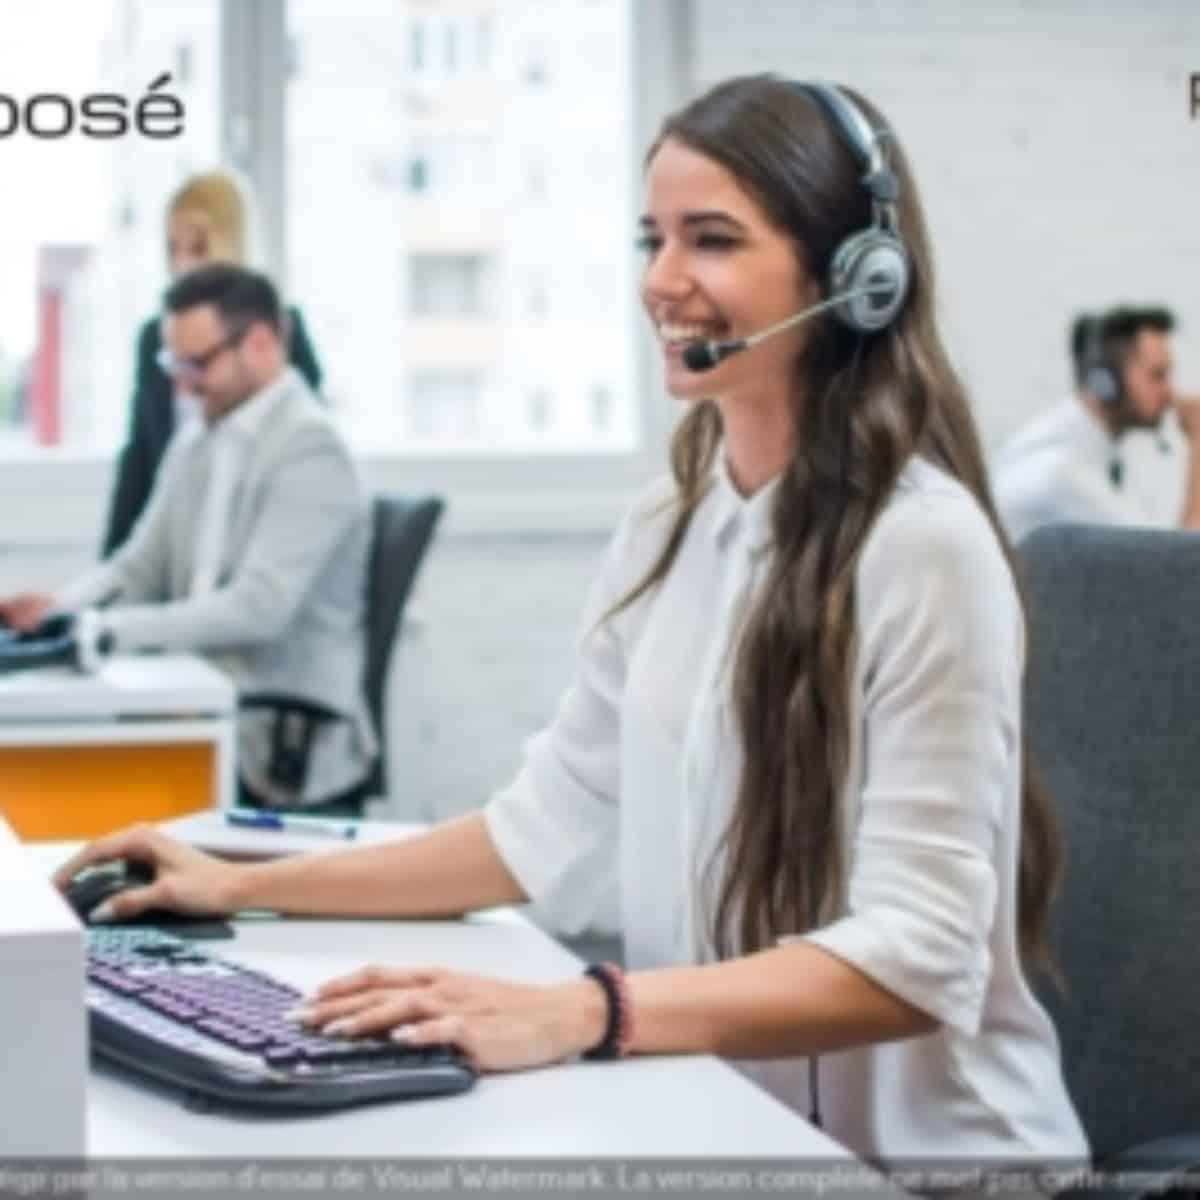 Une secrétaire à Lyon travaillant dans la permanence téléphonique de la société Préposé